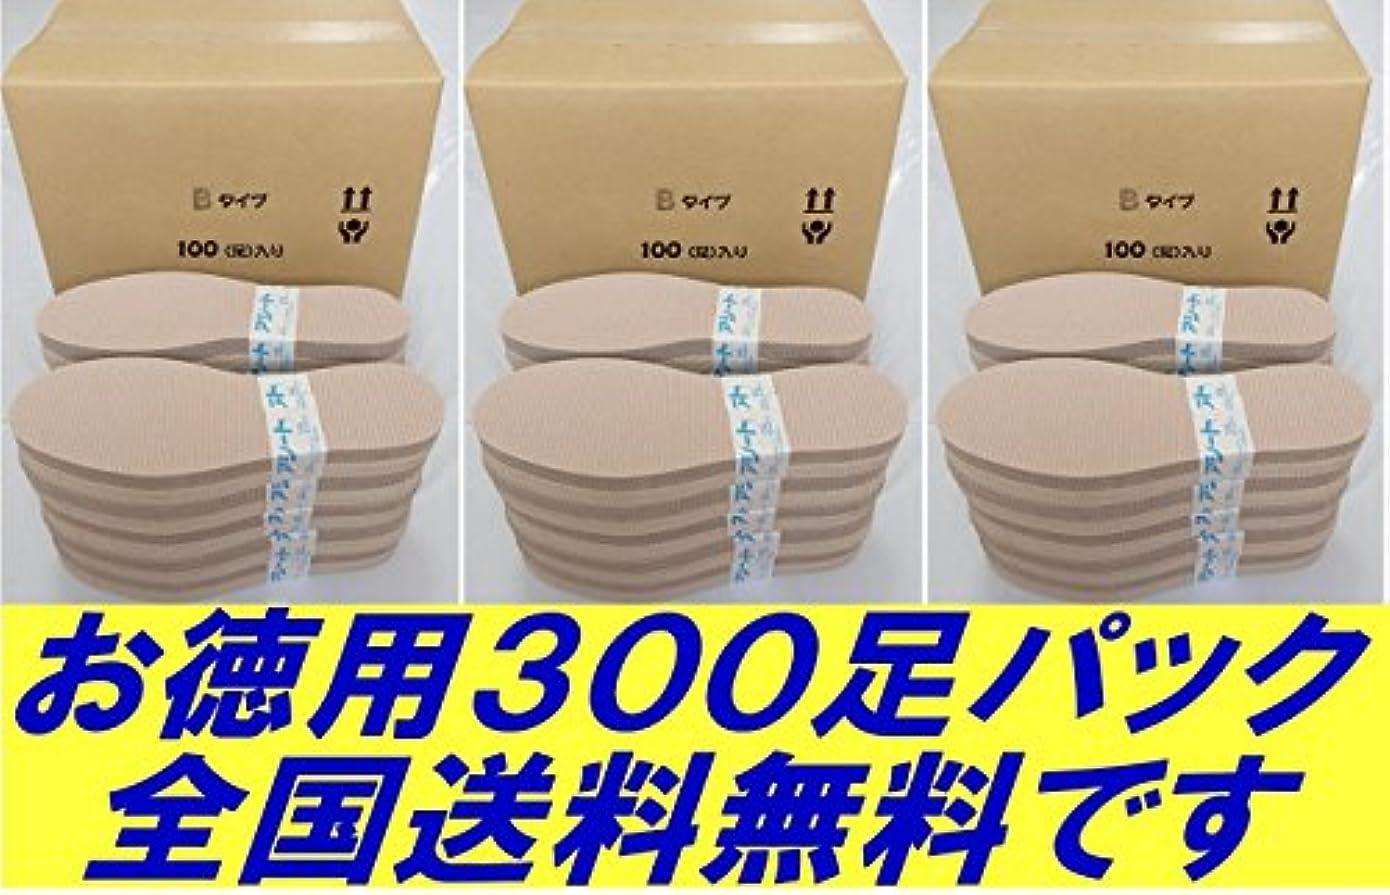 悪のマインド感嘆アシートBタイプお徳用パック300足入り (26.5~27.0cm)